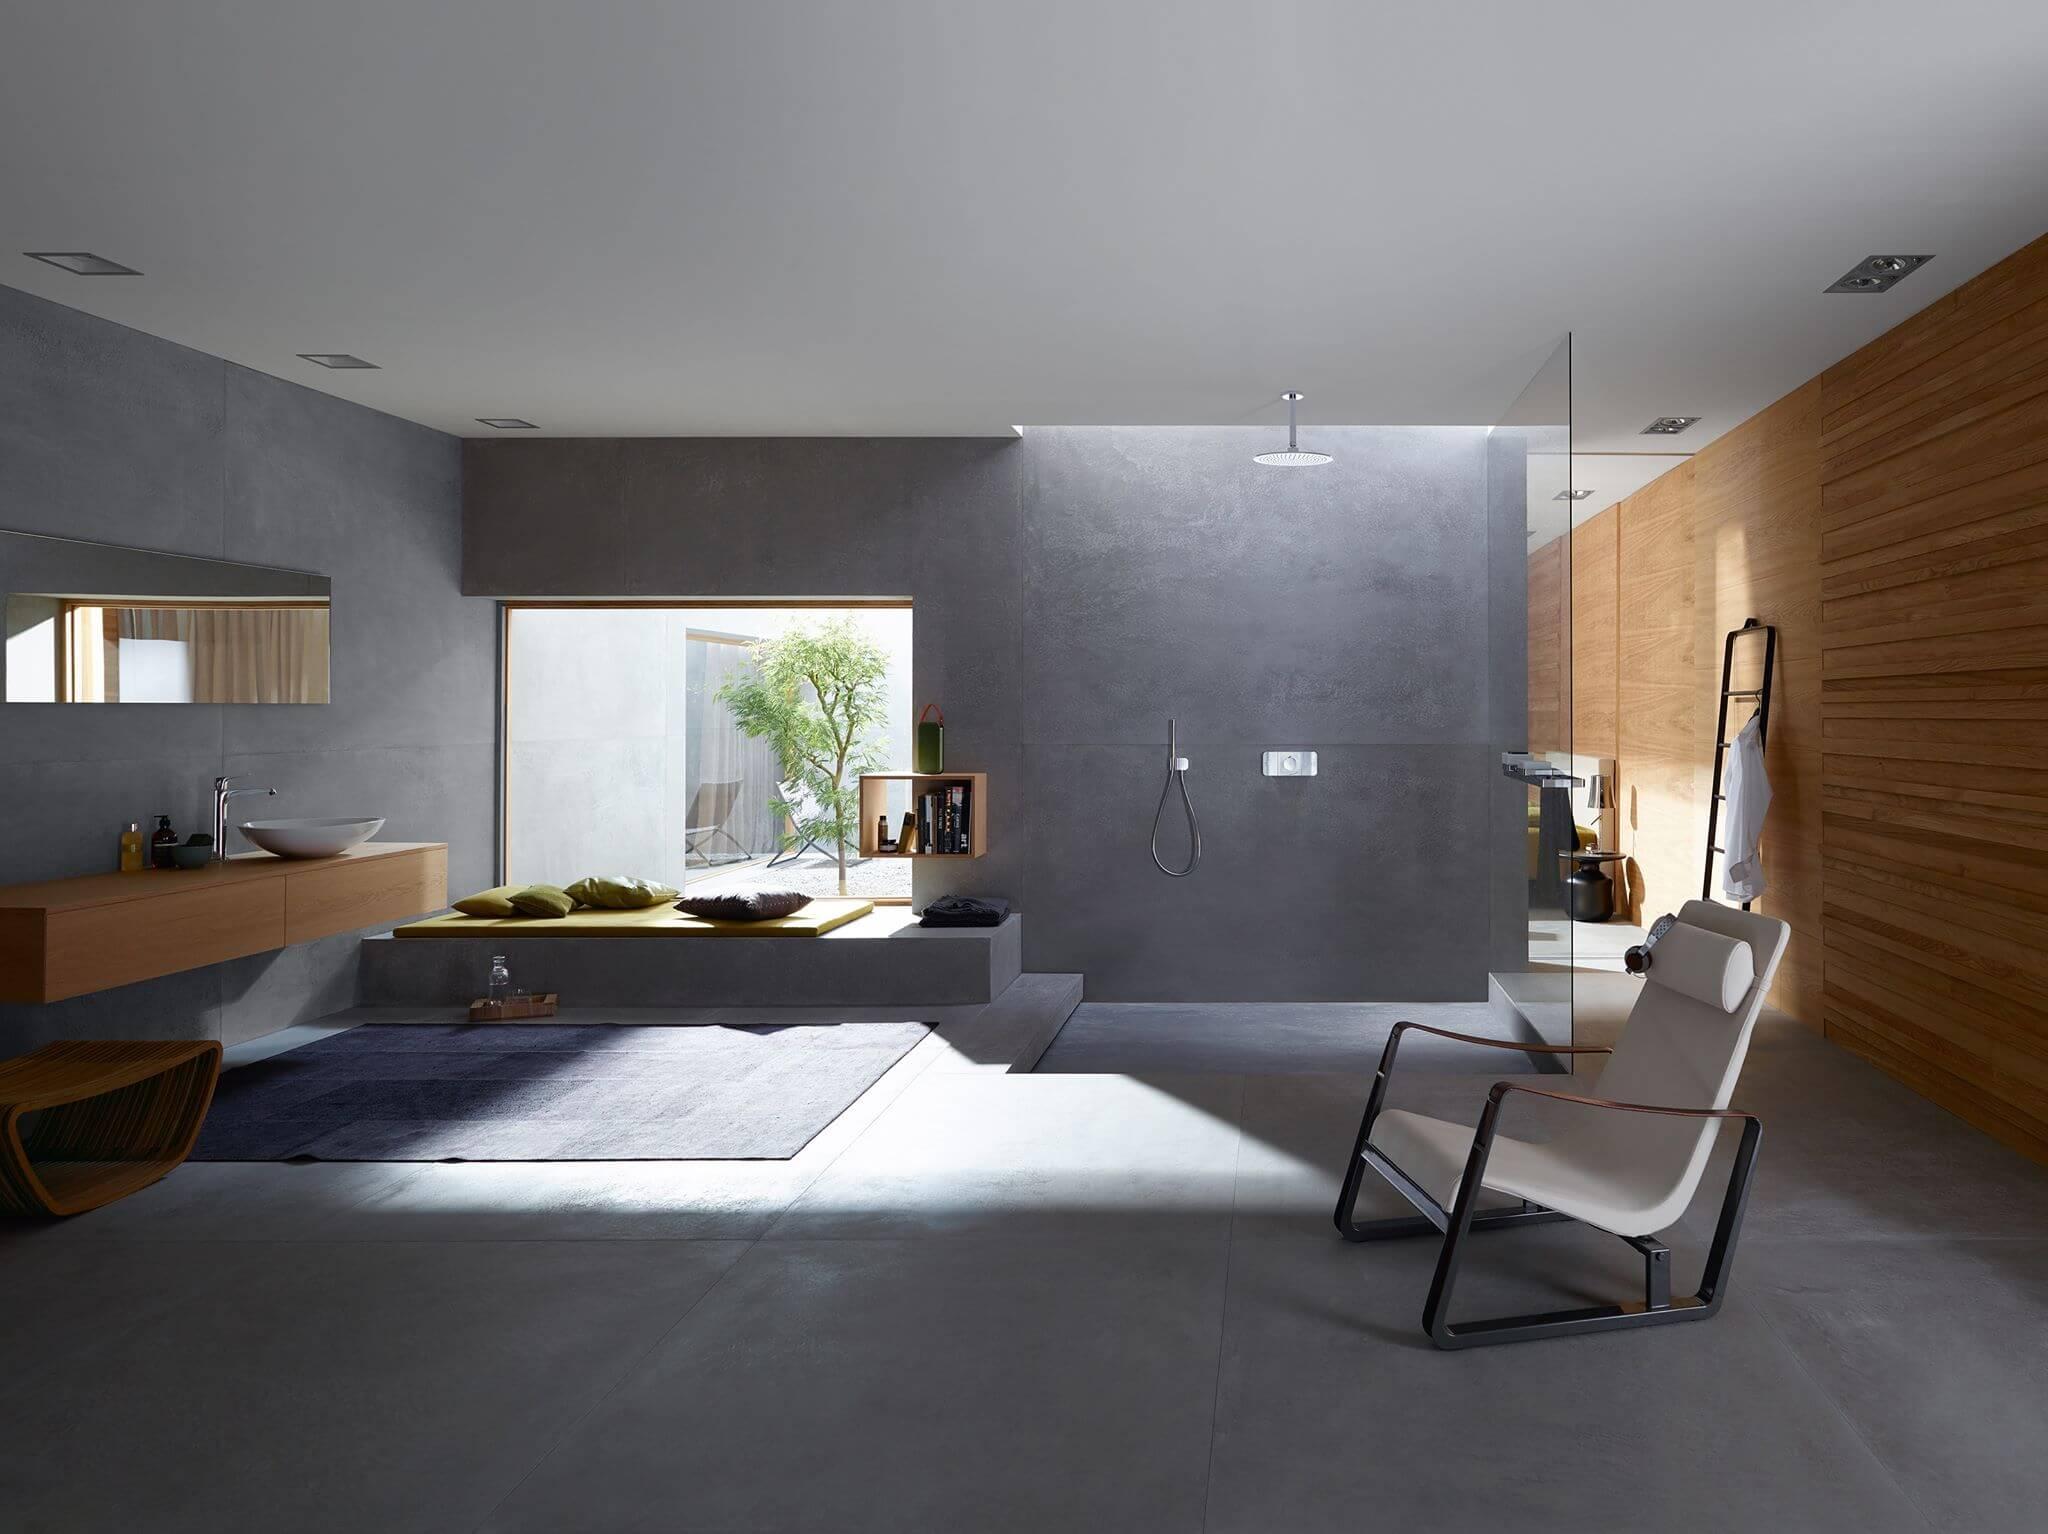 vorfreude auf den messerun auf der imm cologne 2018. Black Bedroom Furniture Sets. Home Design Ideas